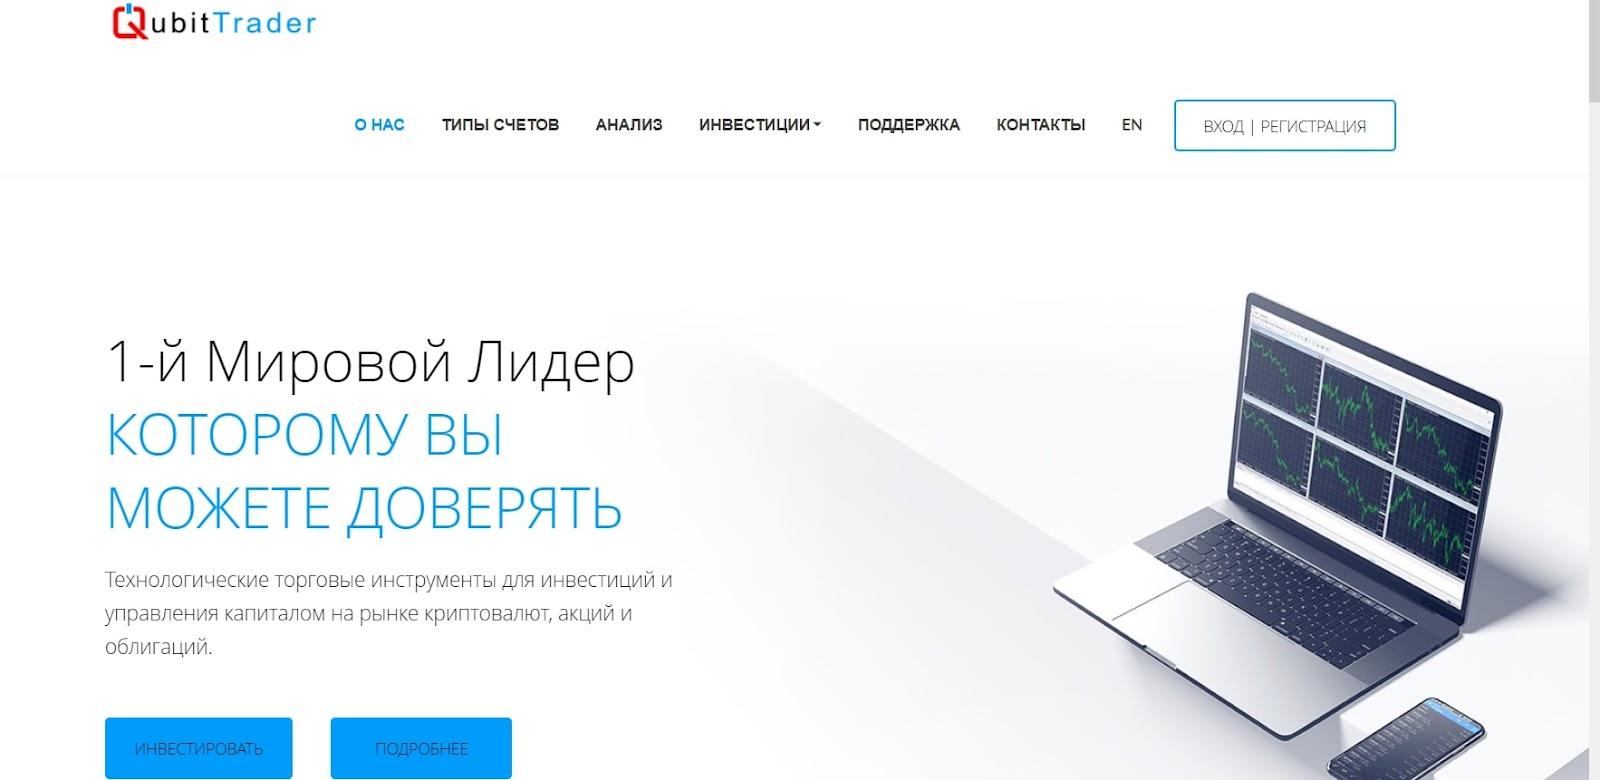 Qubit Trader: отзывы о сотрудничестве и условия трейдинга реальные отзывы